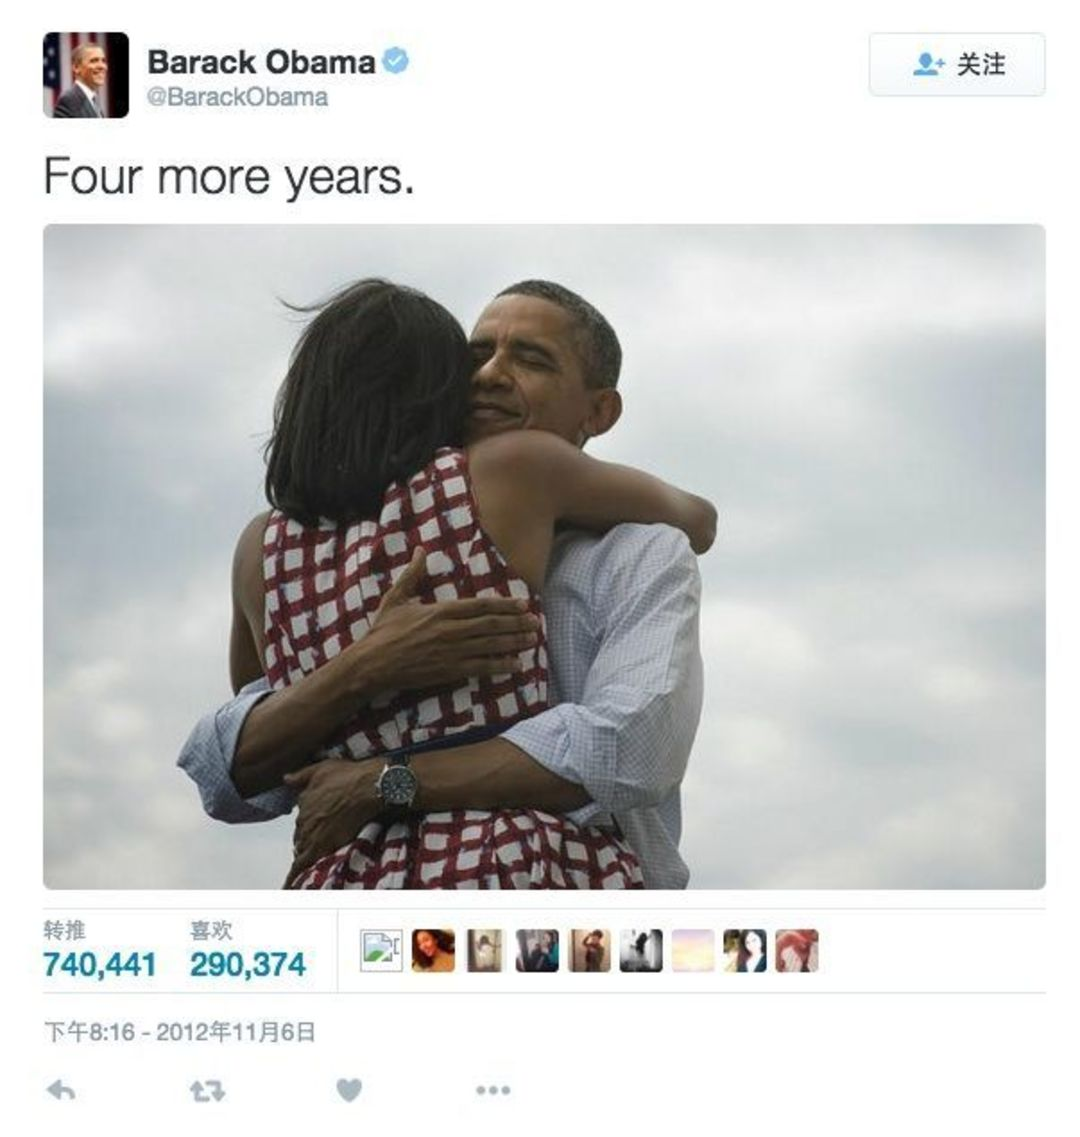 奥巴马赢得大选后发的推文